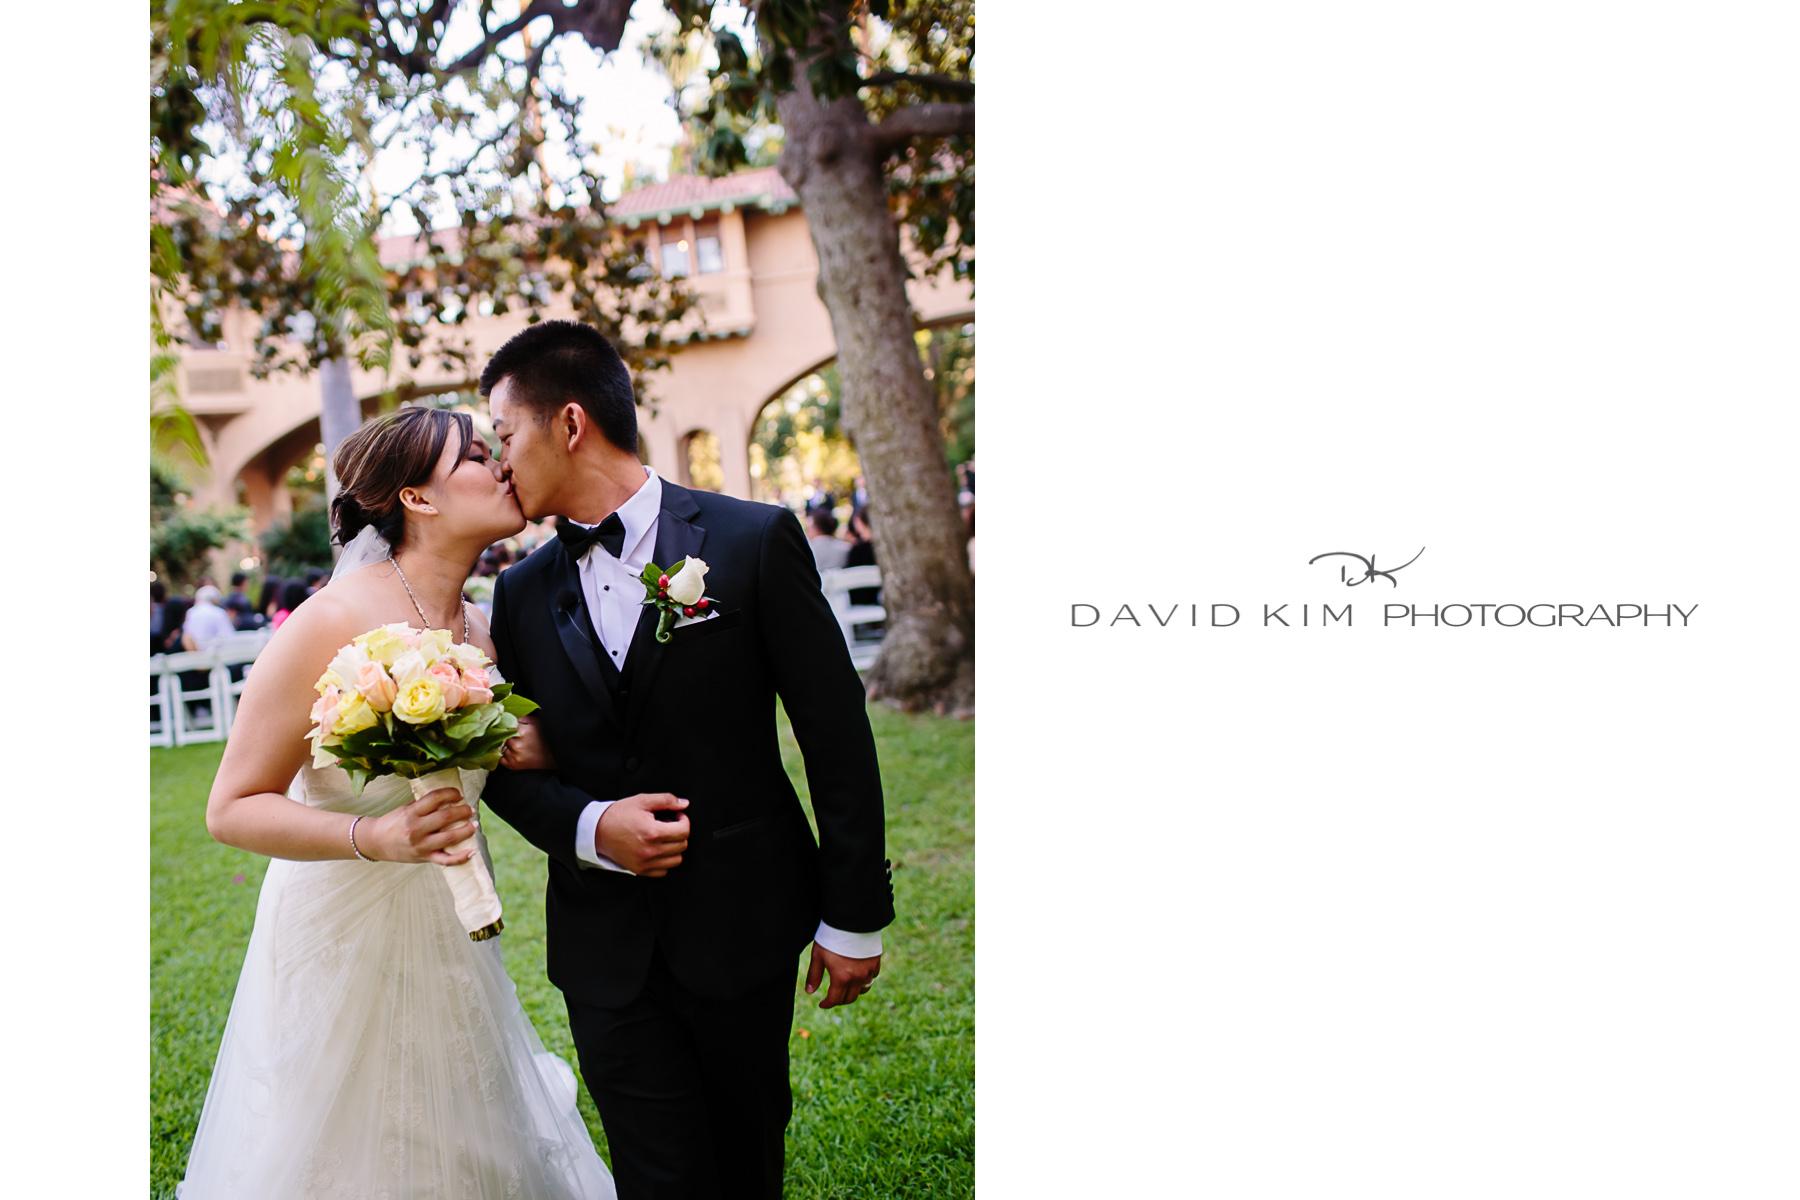 013-joann-alfred-castle-green-wedding-pasadena-LA.jpg